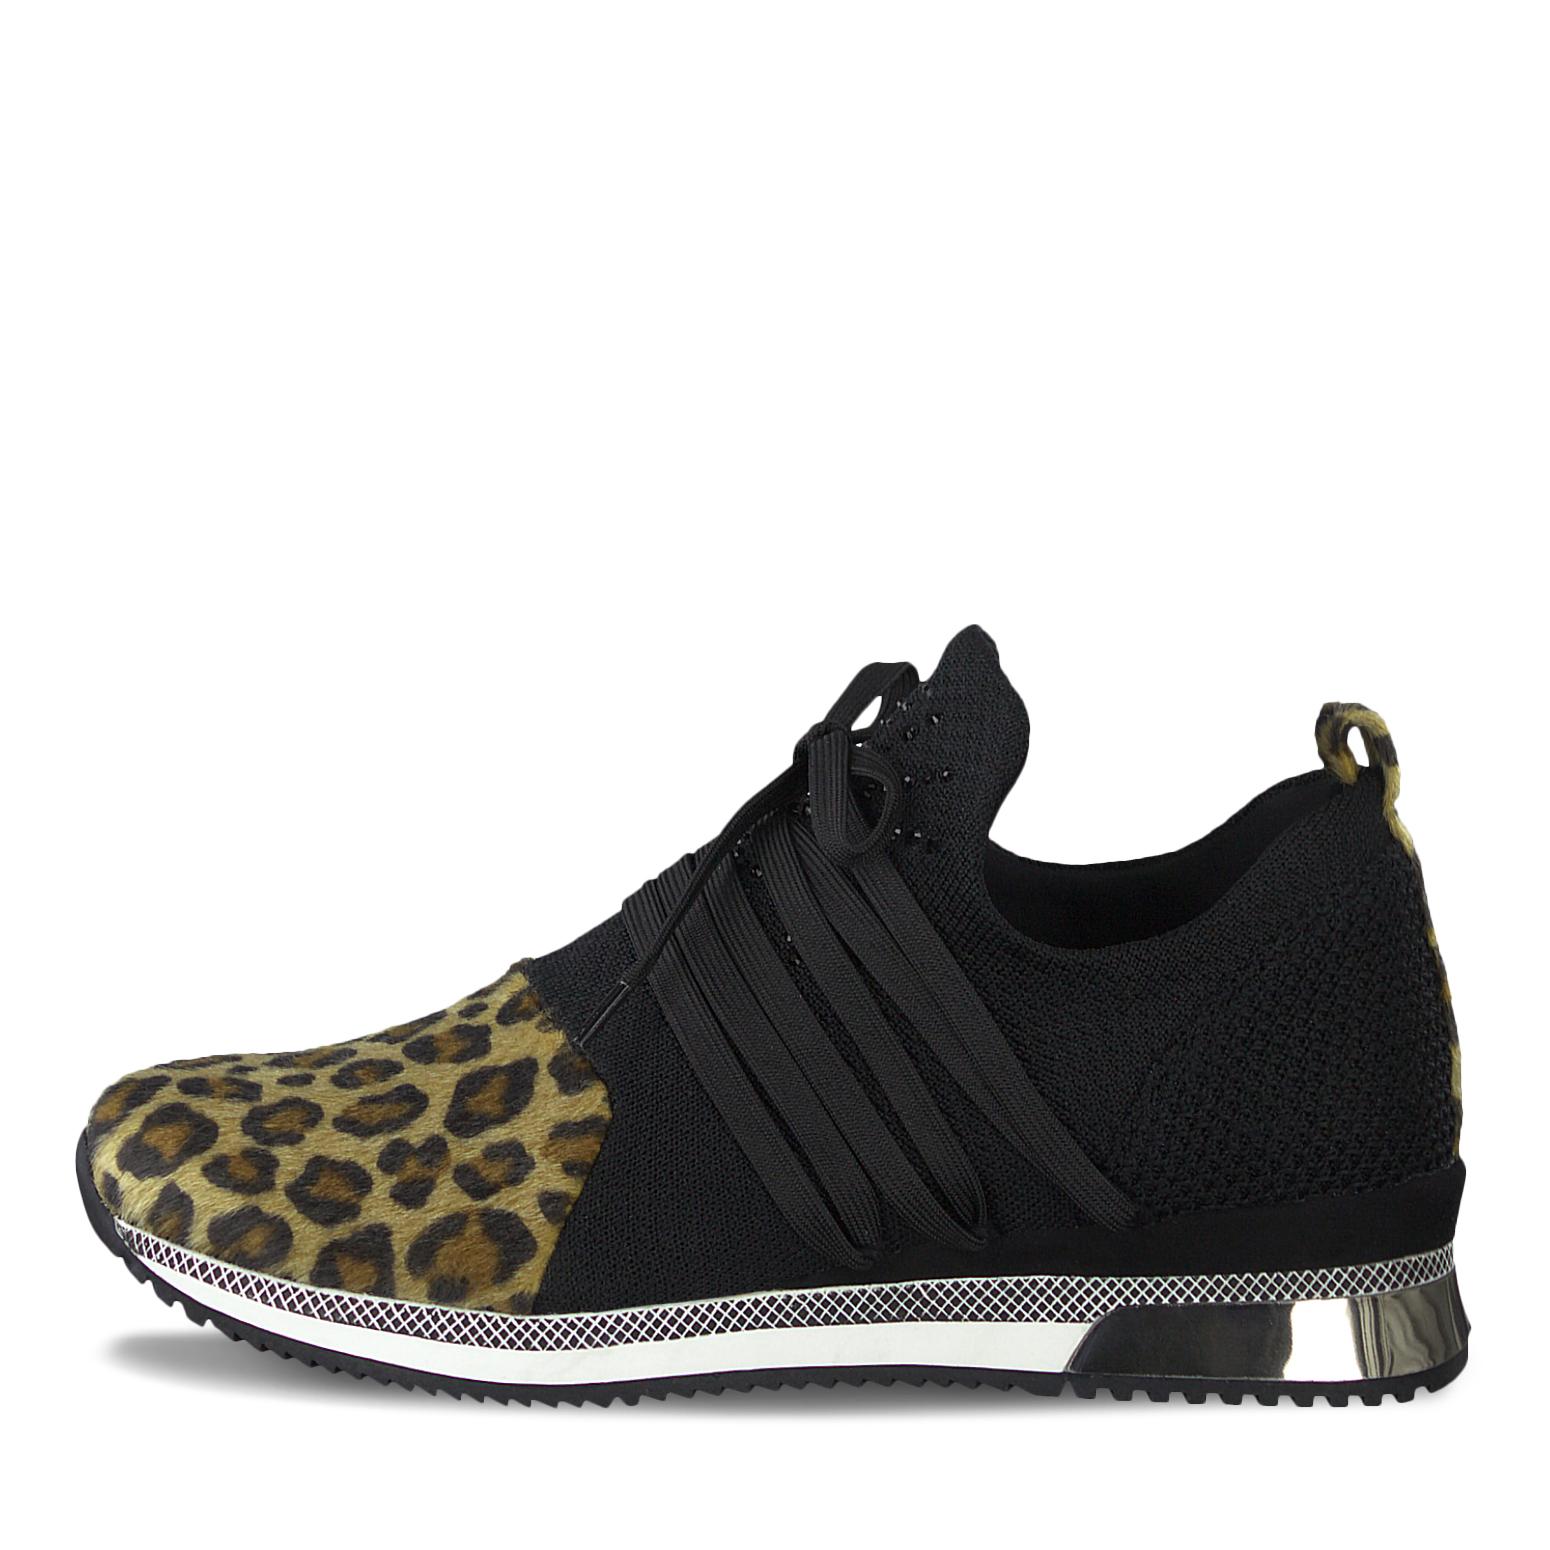 Marco Tozzi Sneaker in Farbe schwarzleo günstig online kaufen